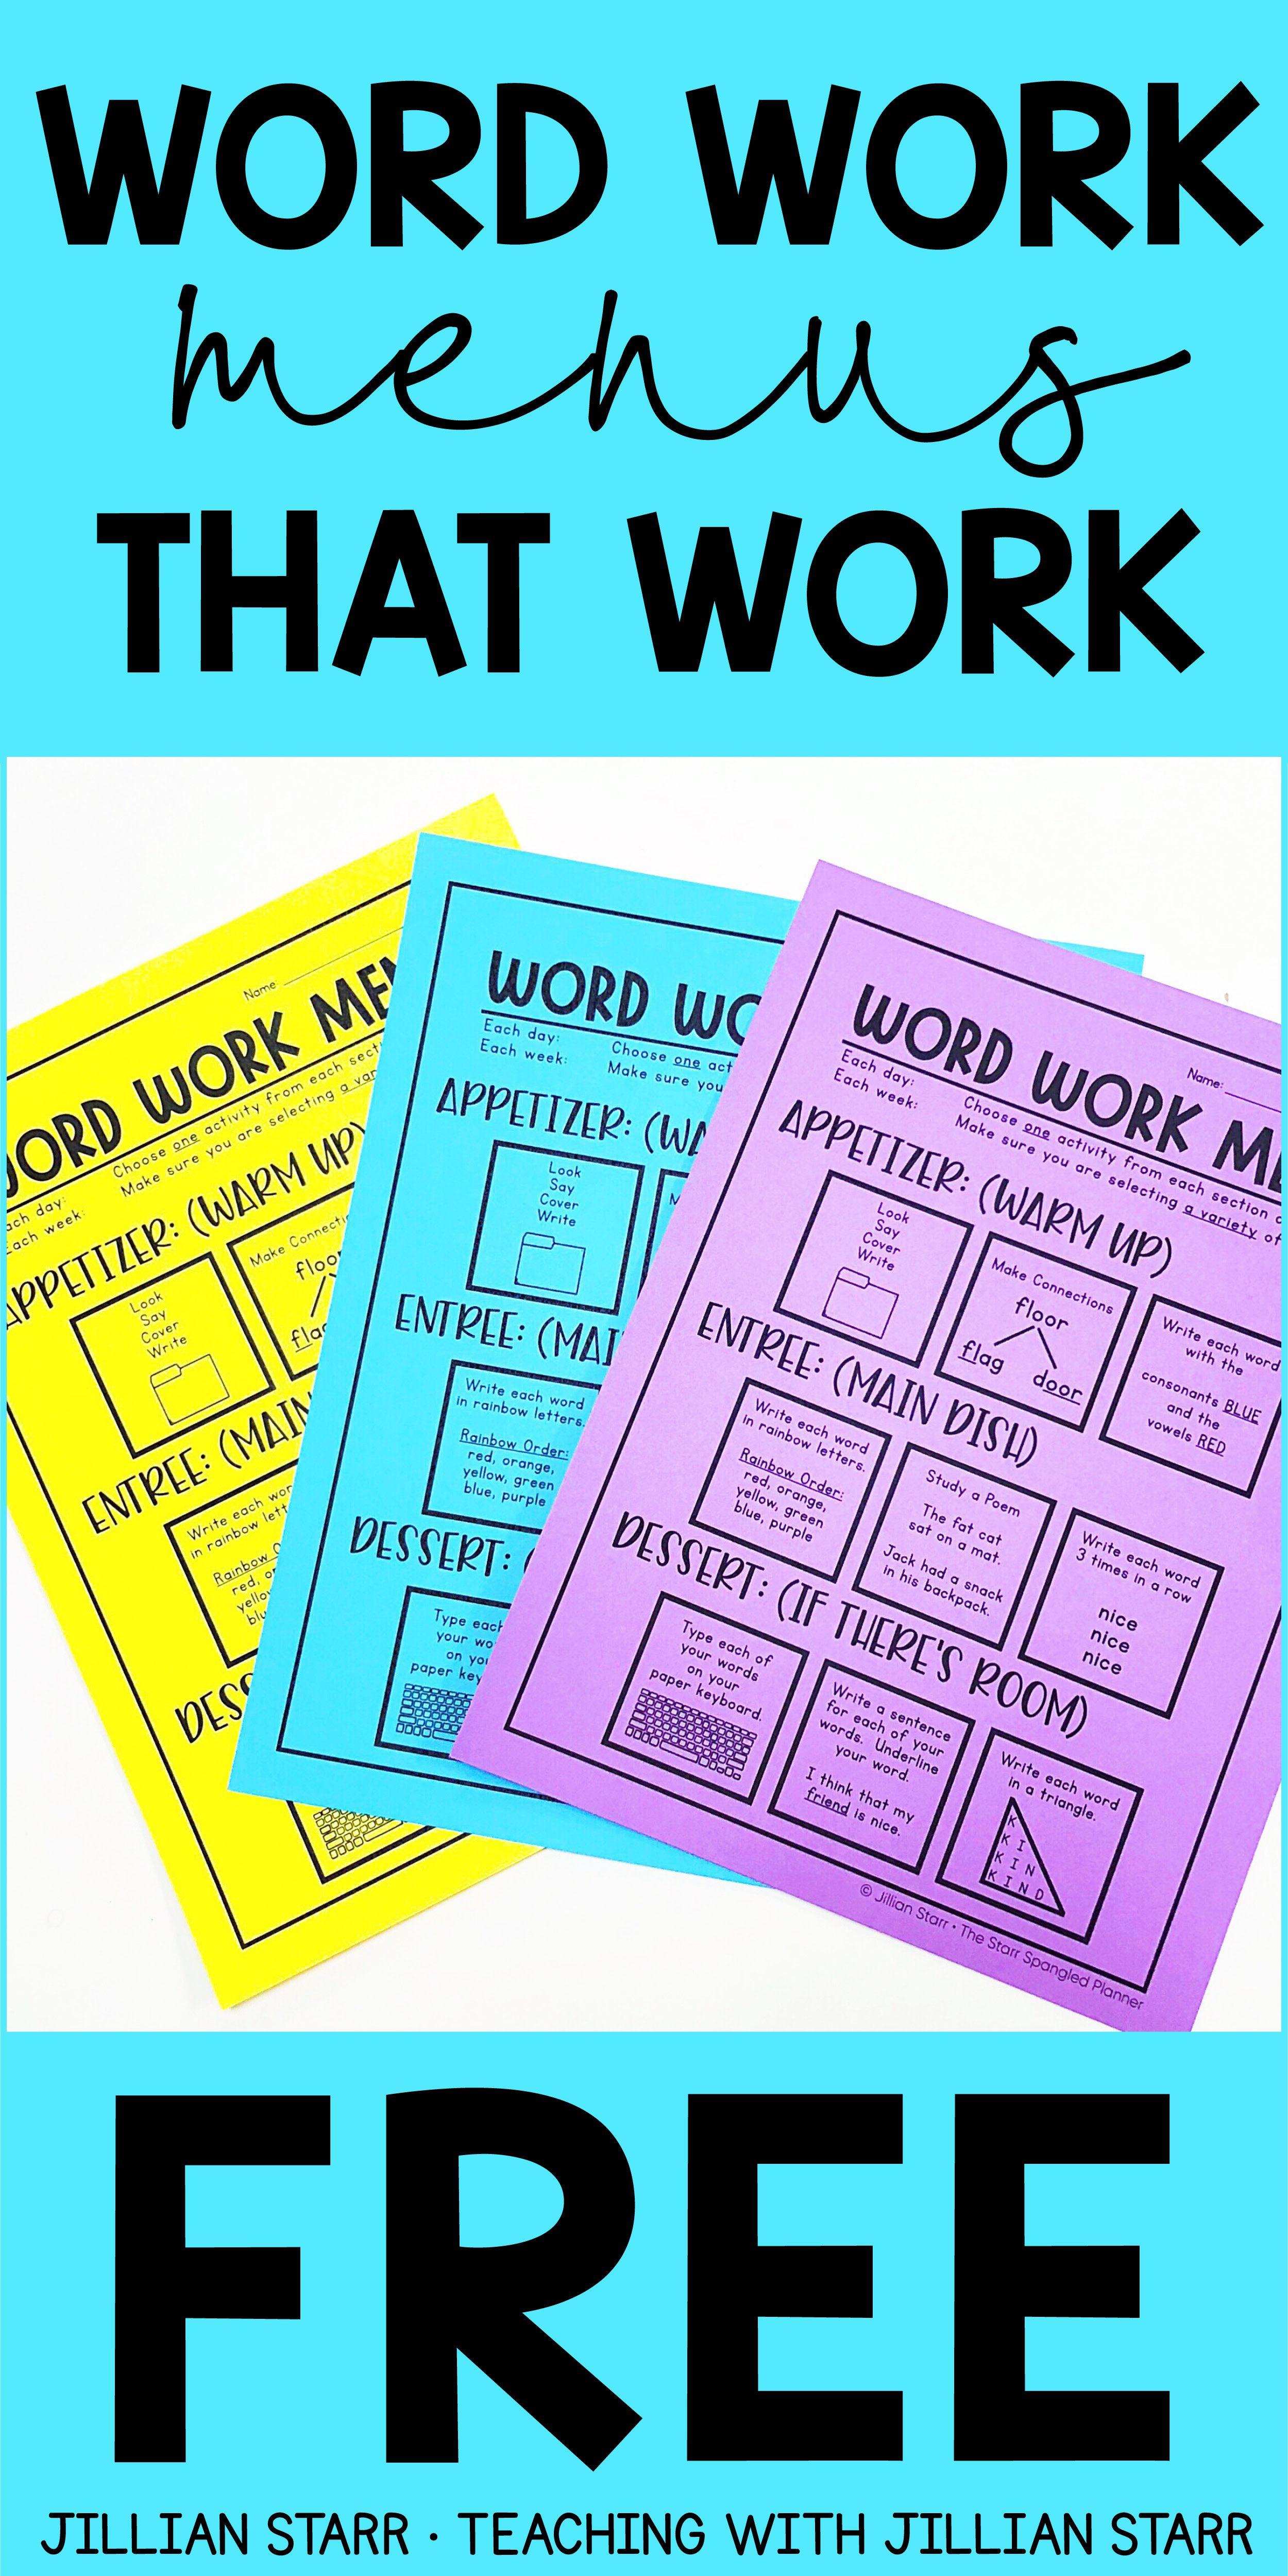 FREE Word Work and Spelling Menus